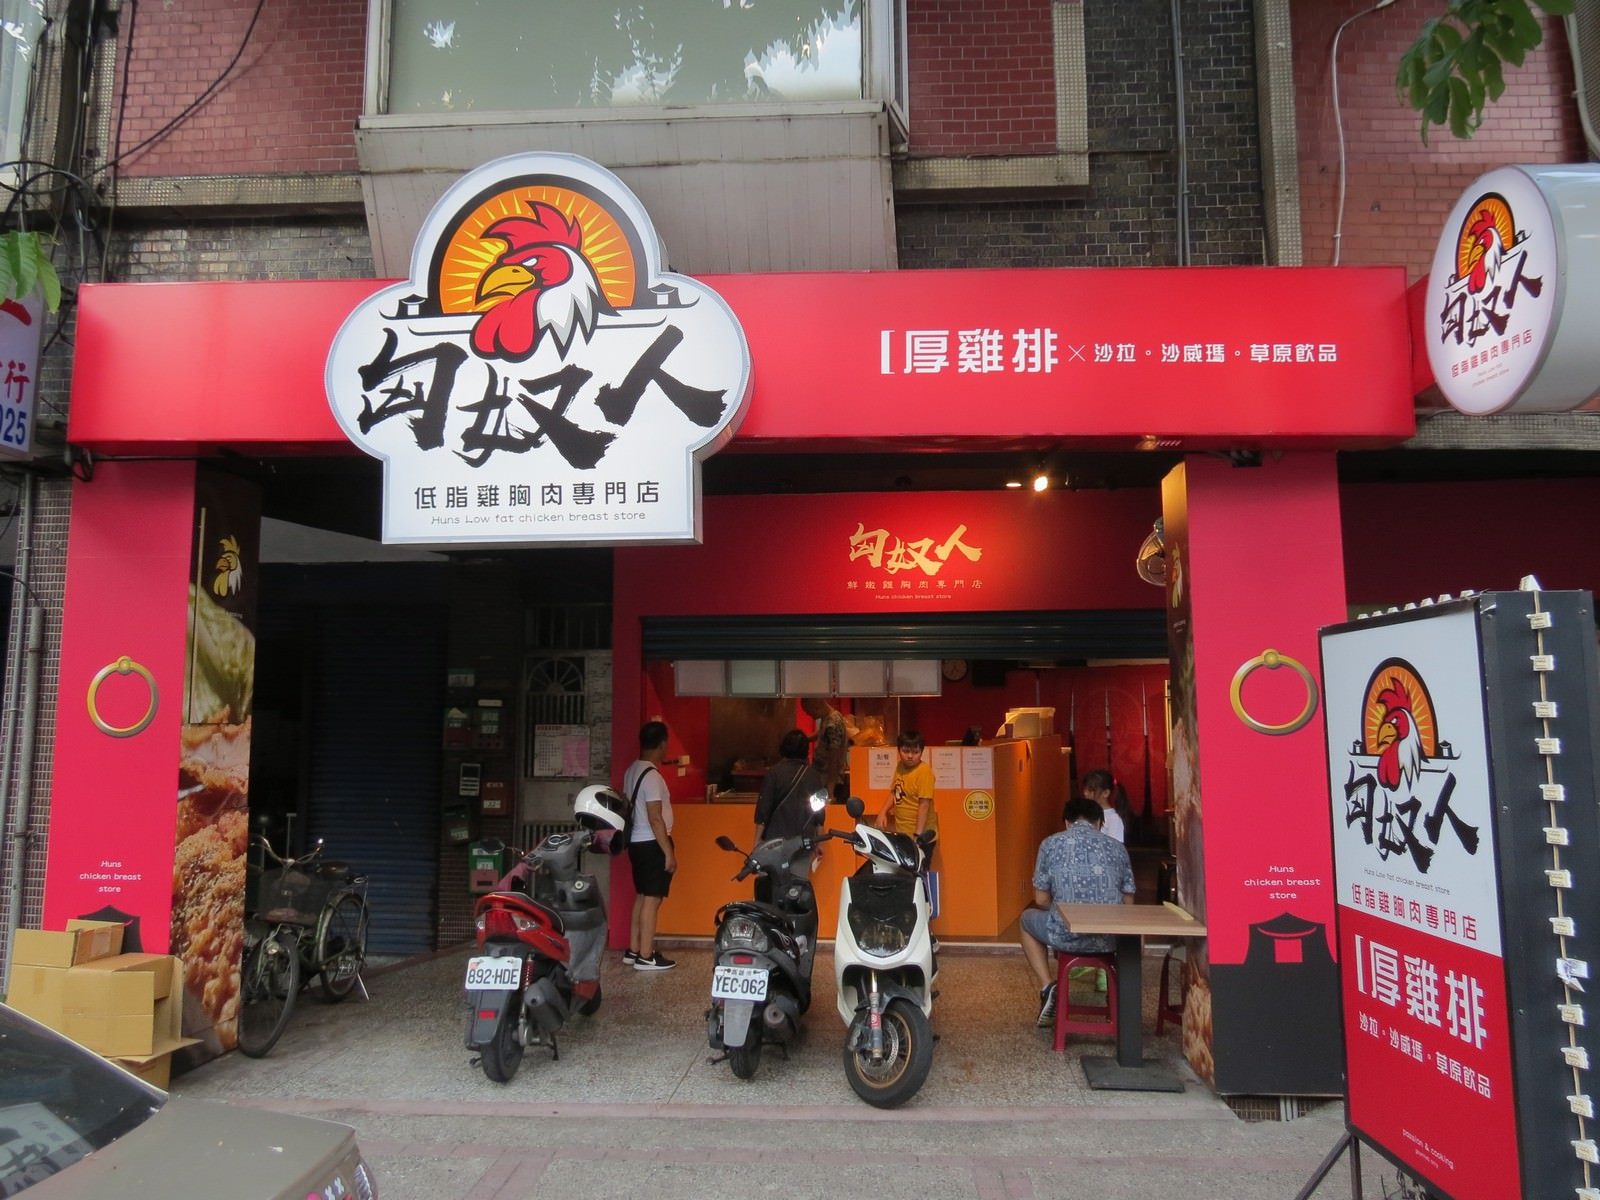 匈奴人雞胸肉專賣, 店面